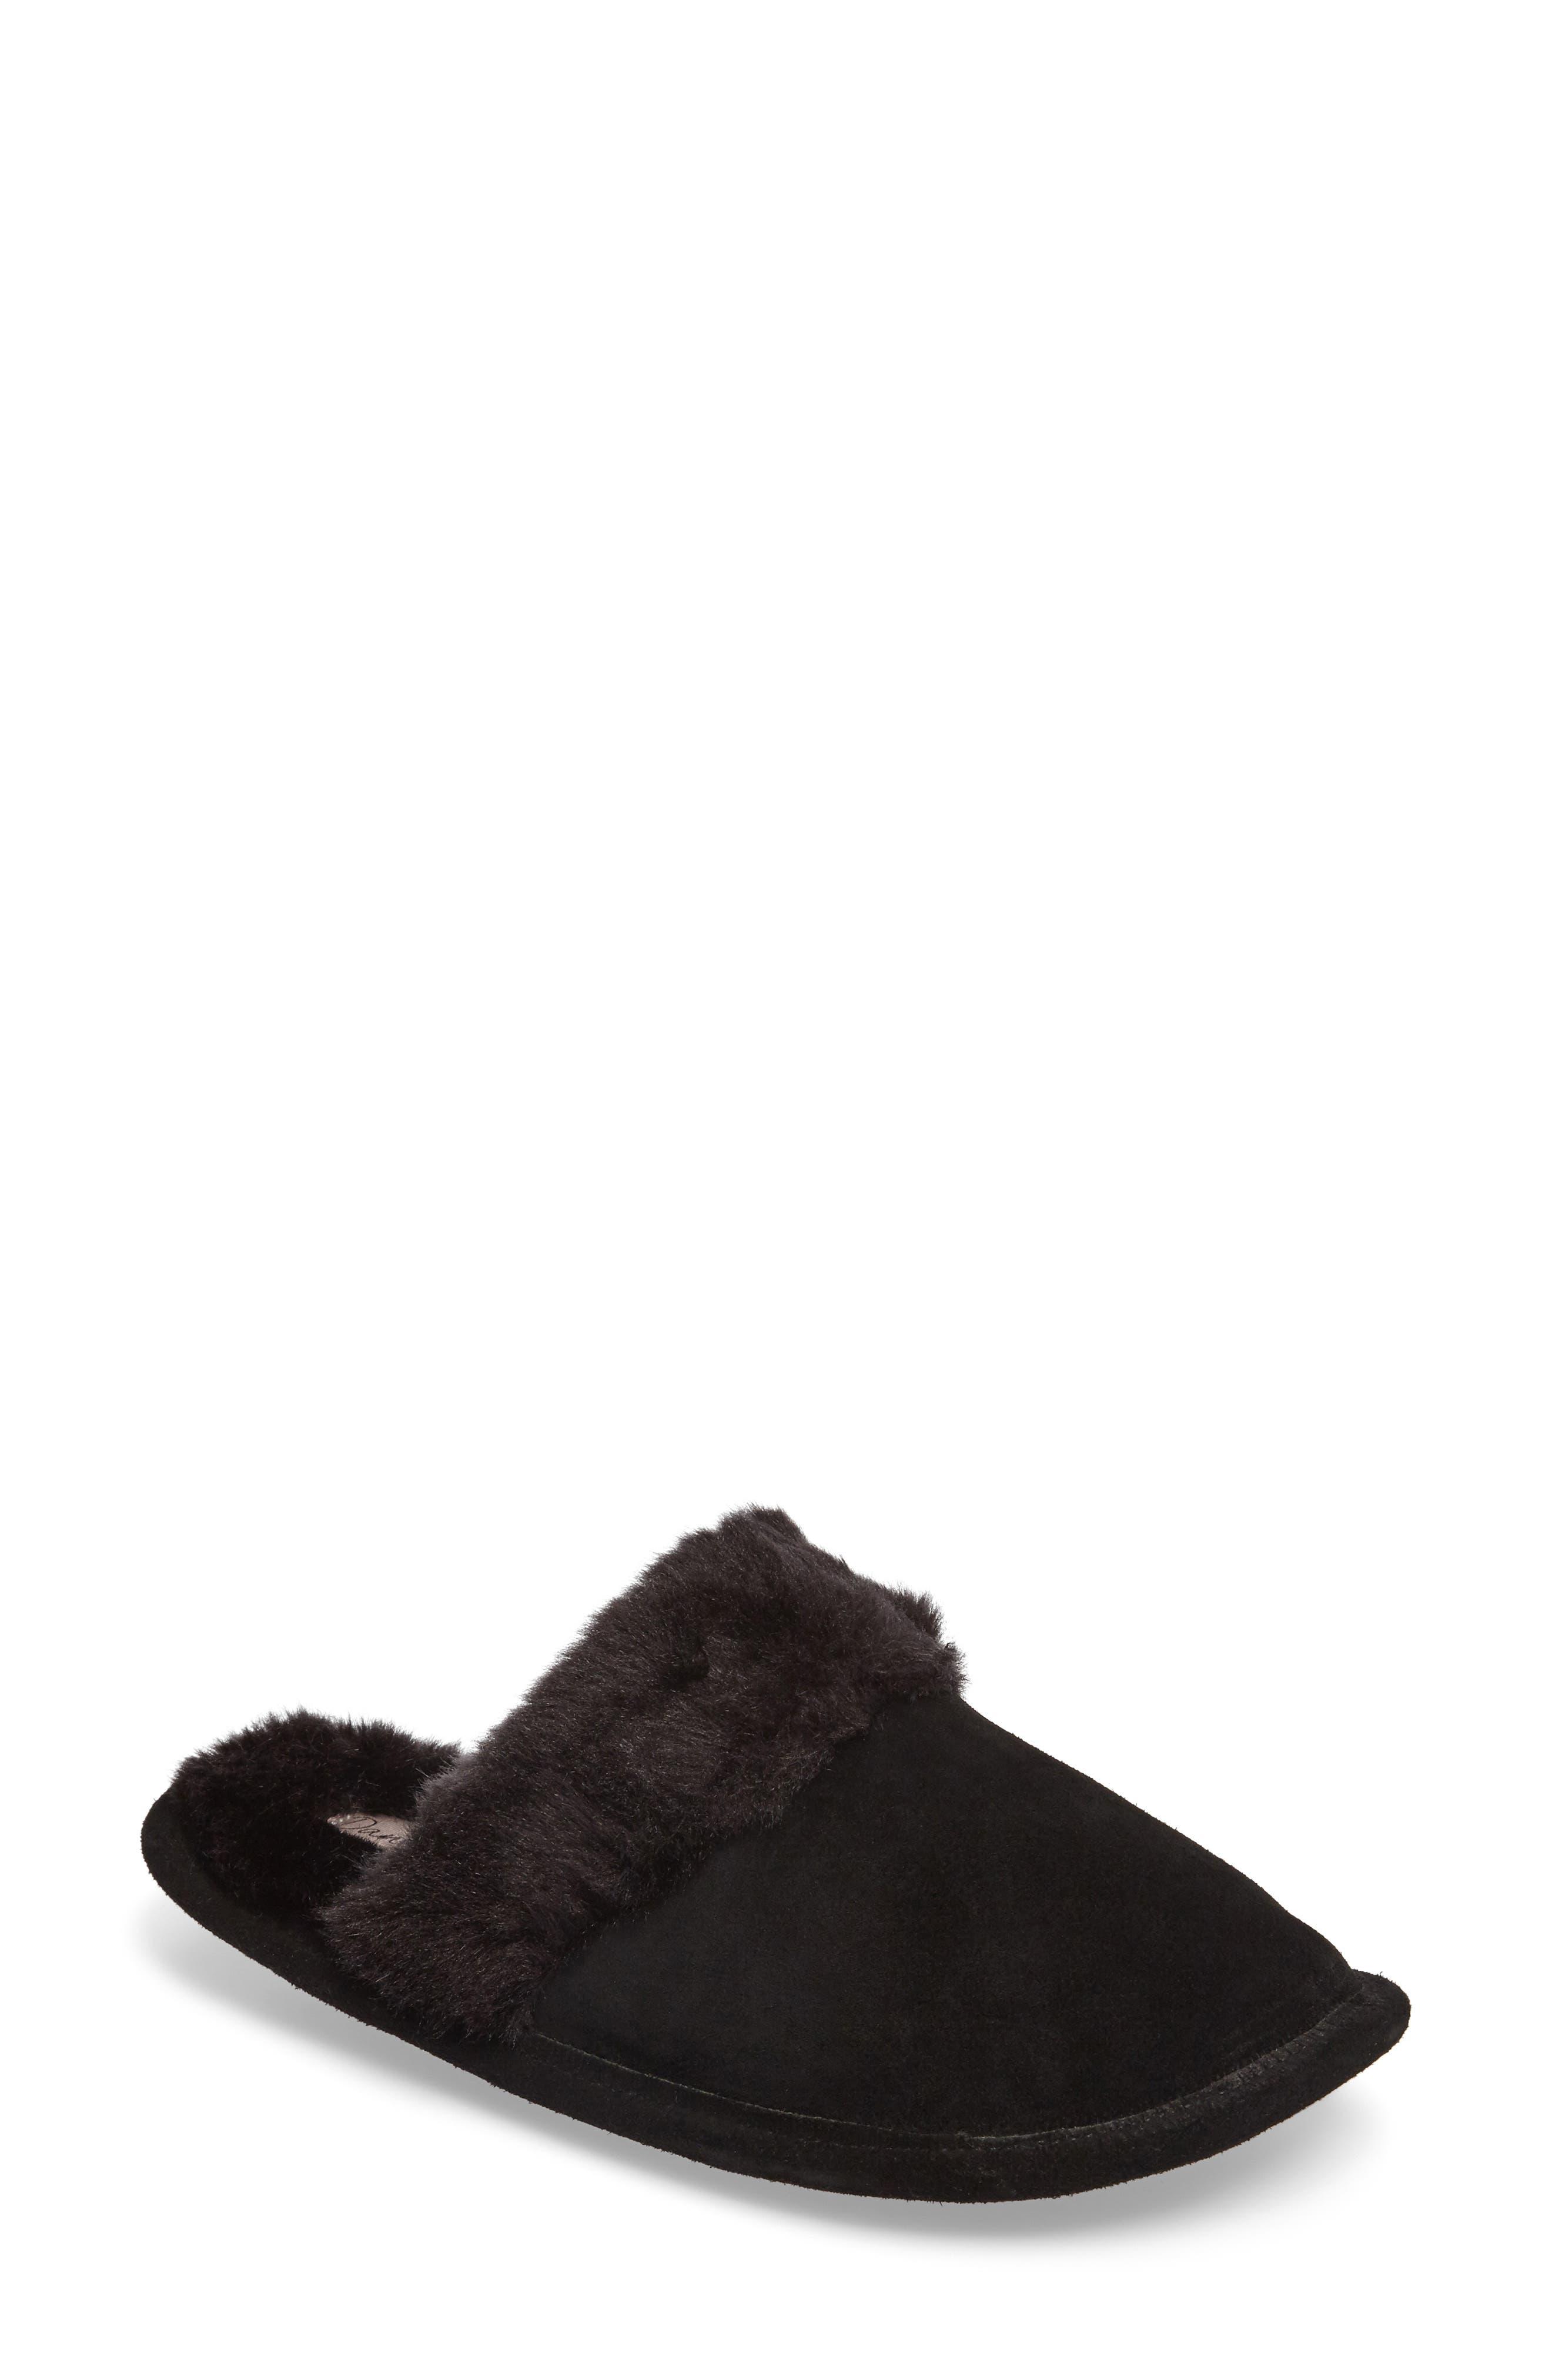 Pammy Faux Fur Slipper,                             Main thumbnail 1, color,                             Black Suede